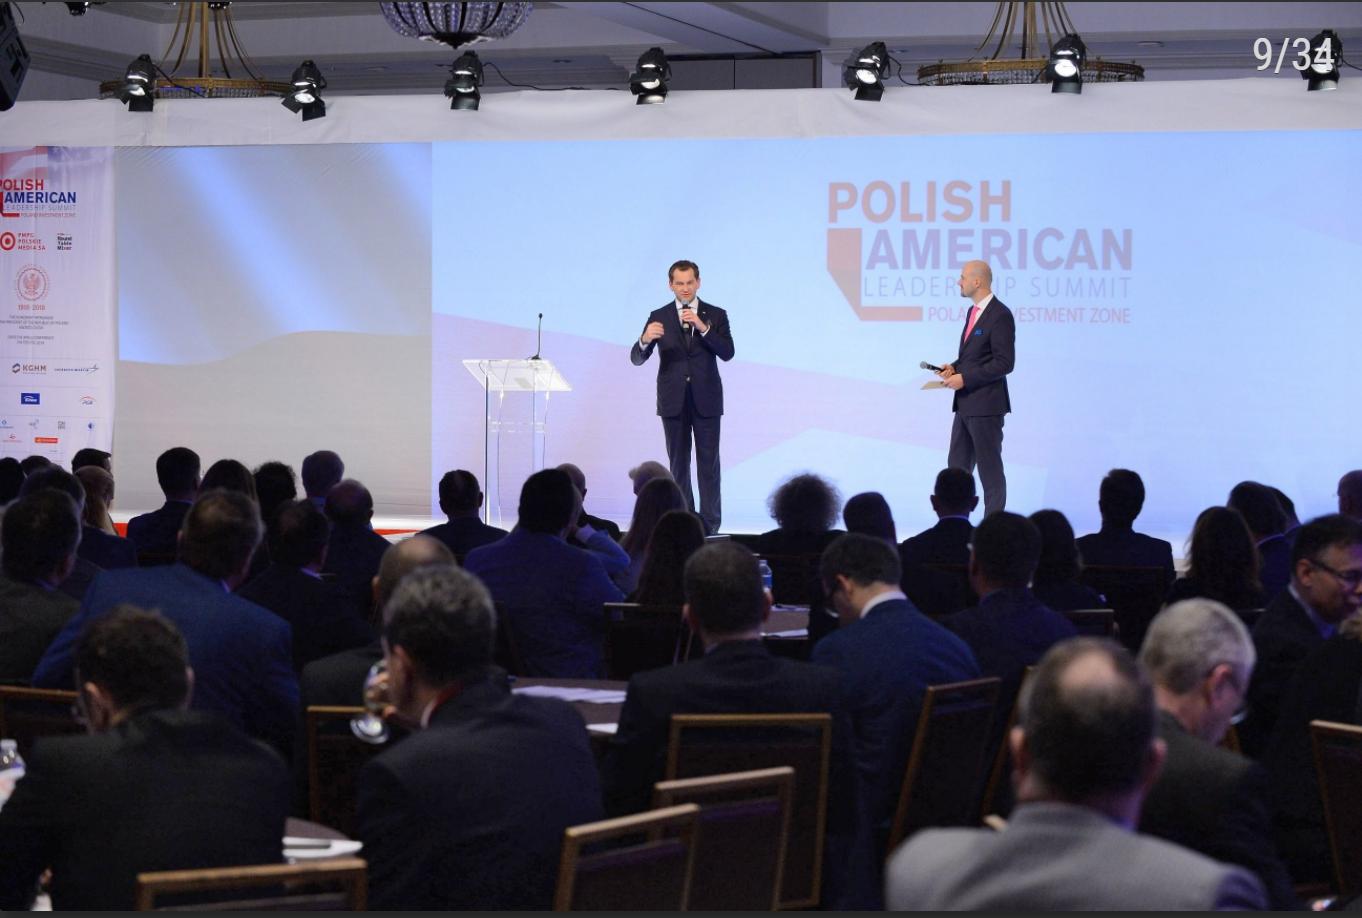 Inwestycje, innowacyjność, pogłębiona współpraca gospodarcza – podsumowanie konferencji Polish-American Leadership Summit: Poland Investment Zone